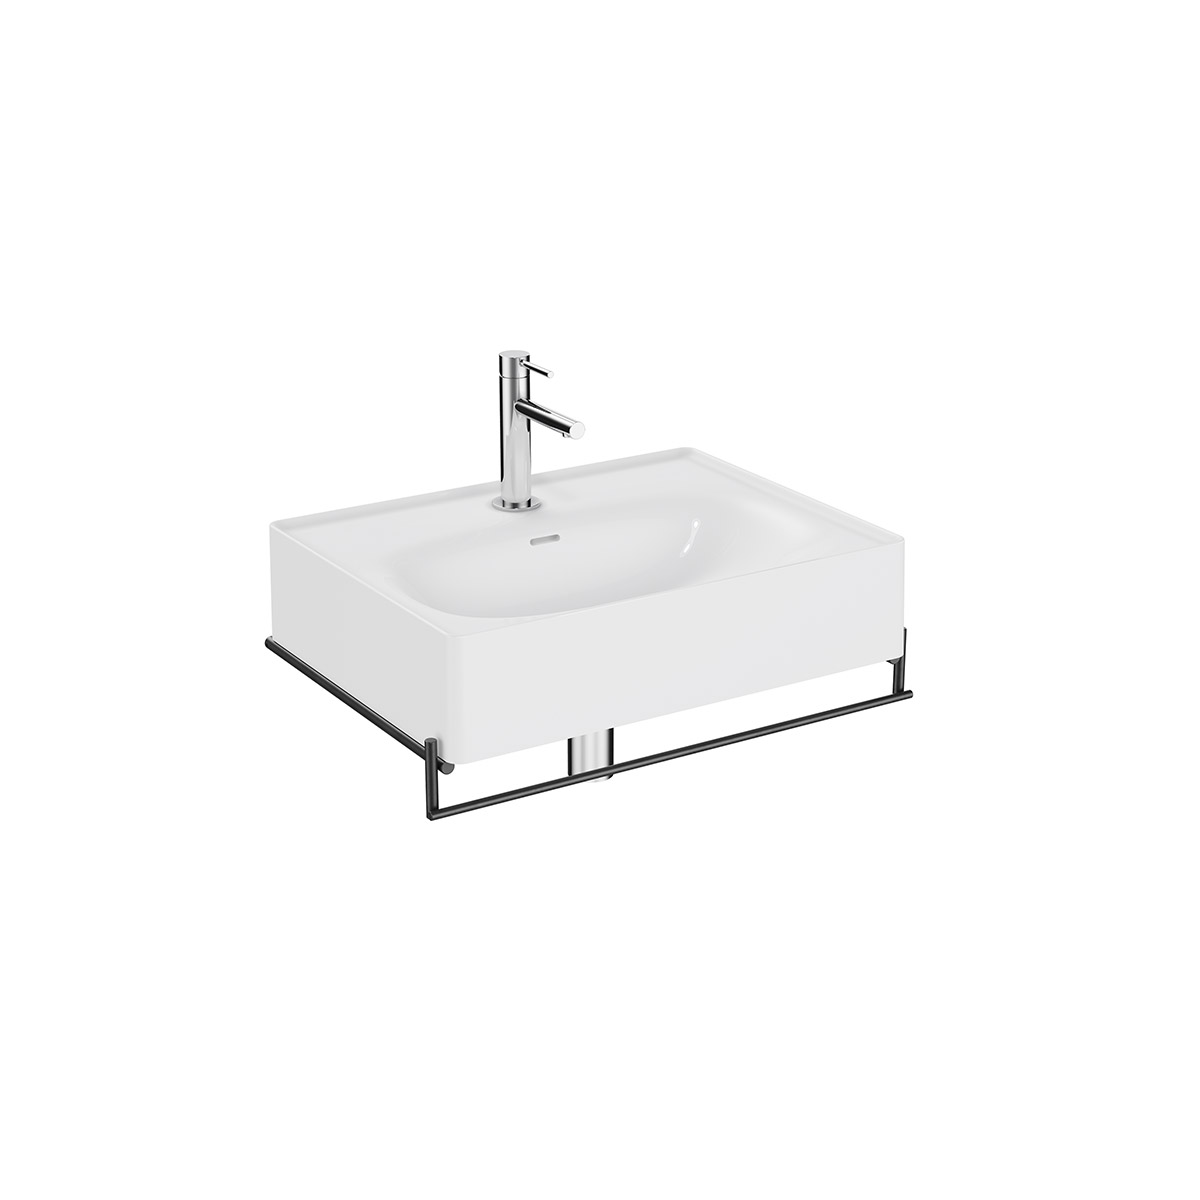 Equal Set Waschtisch, 60 cm, mit Handtuchhalter, Weiß Hochglanz/Schwarz Matt